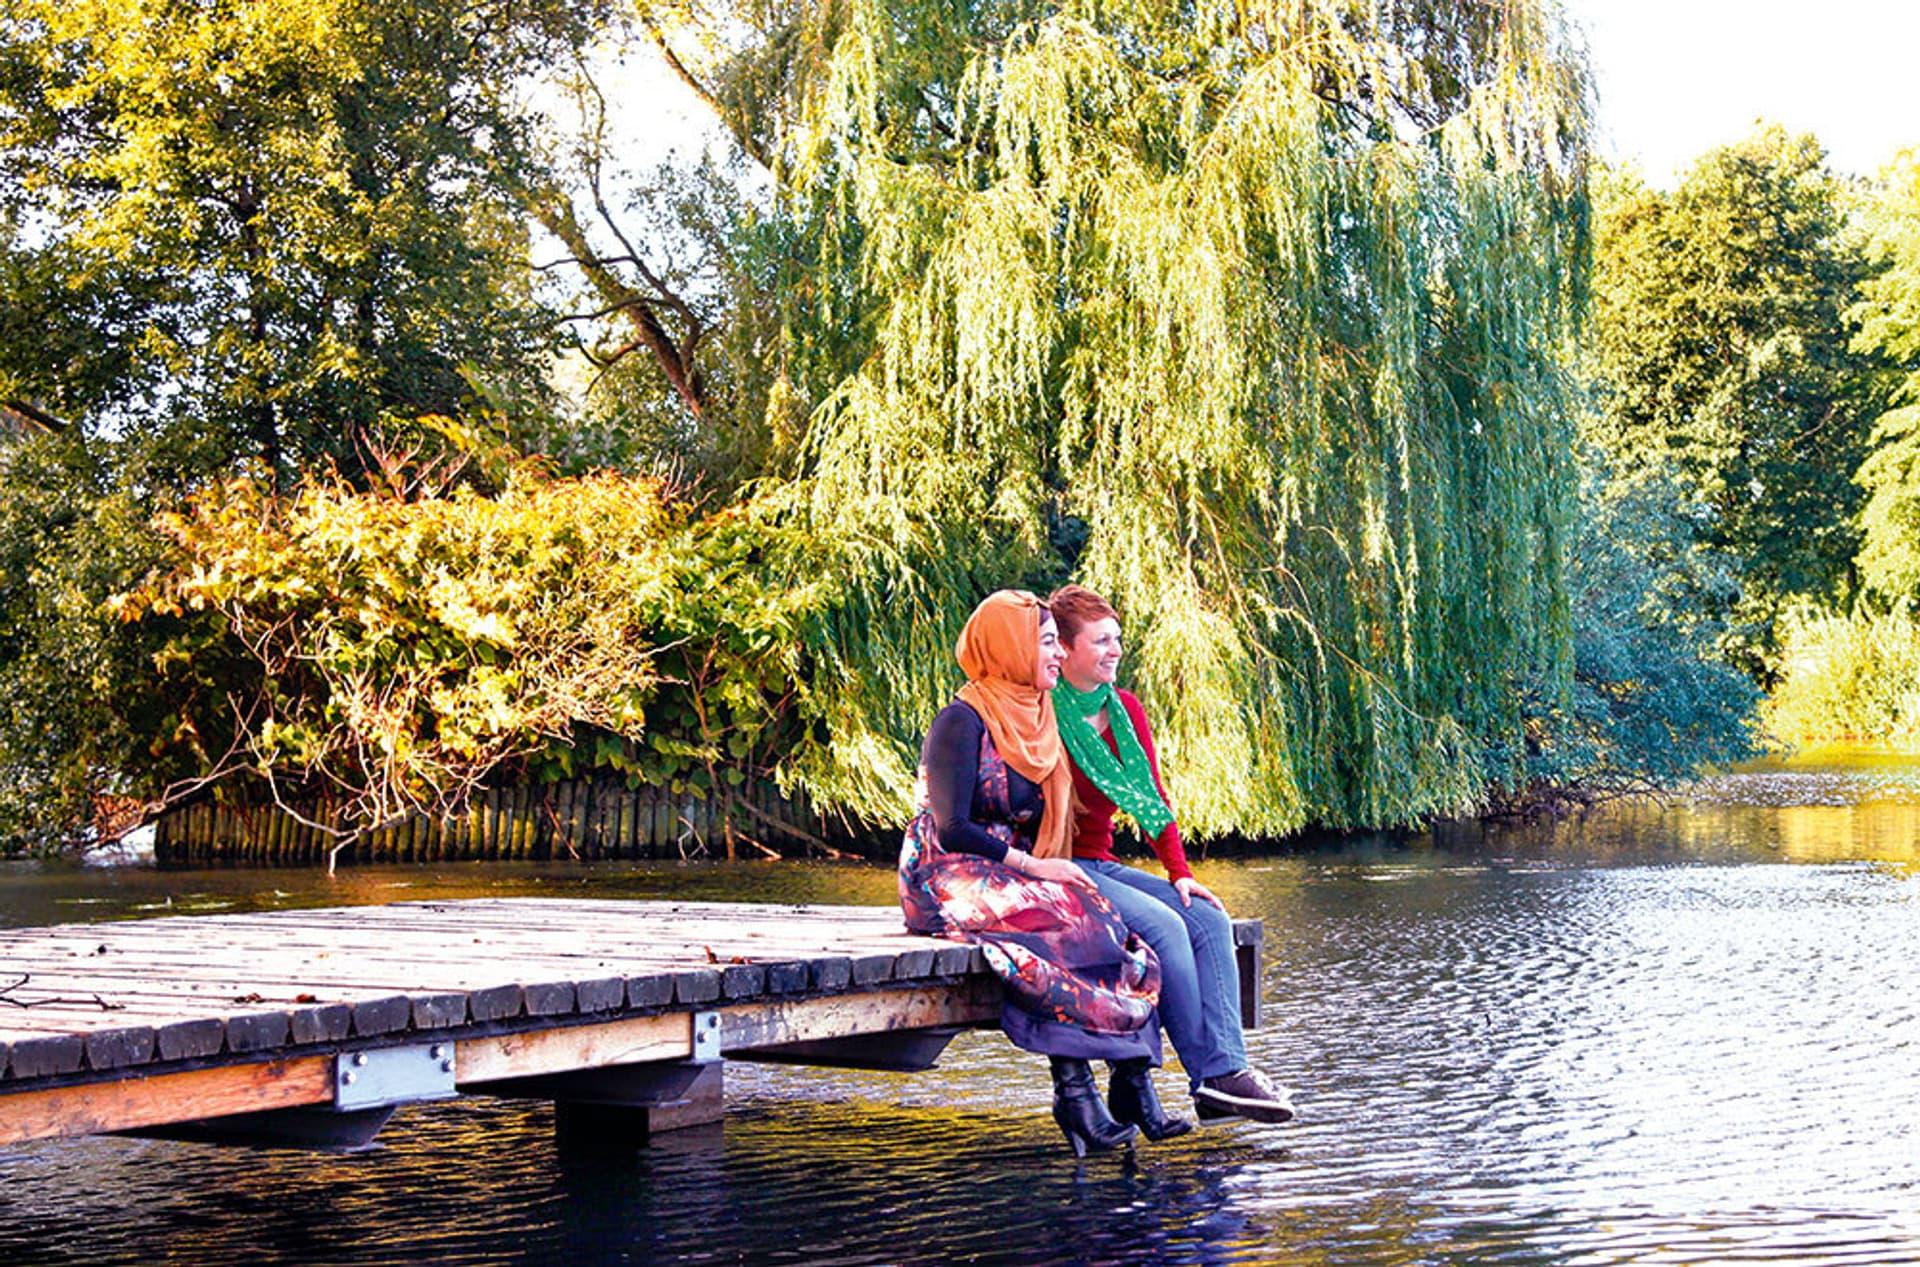 Zwei Frauen sitzen auf einem Holzsteg, der in einen Teich im Park hineinragt. Im Hintergrund Bäume, die am Ufer wachsen